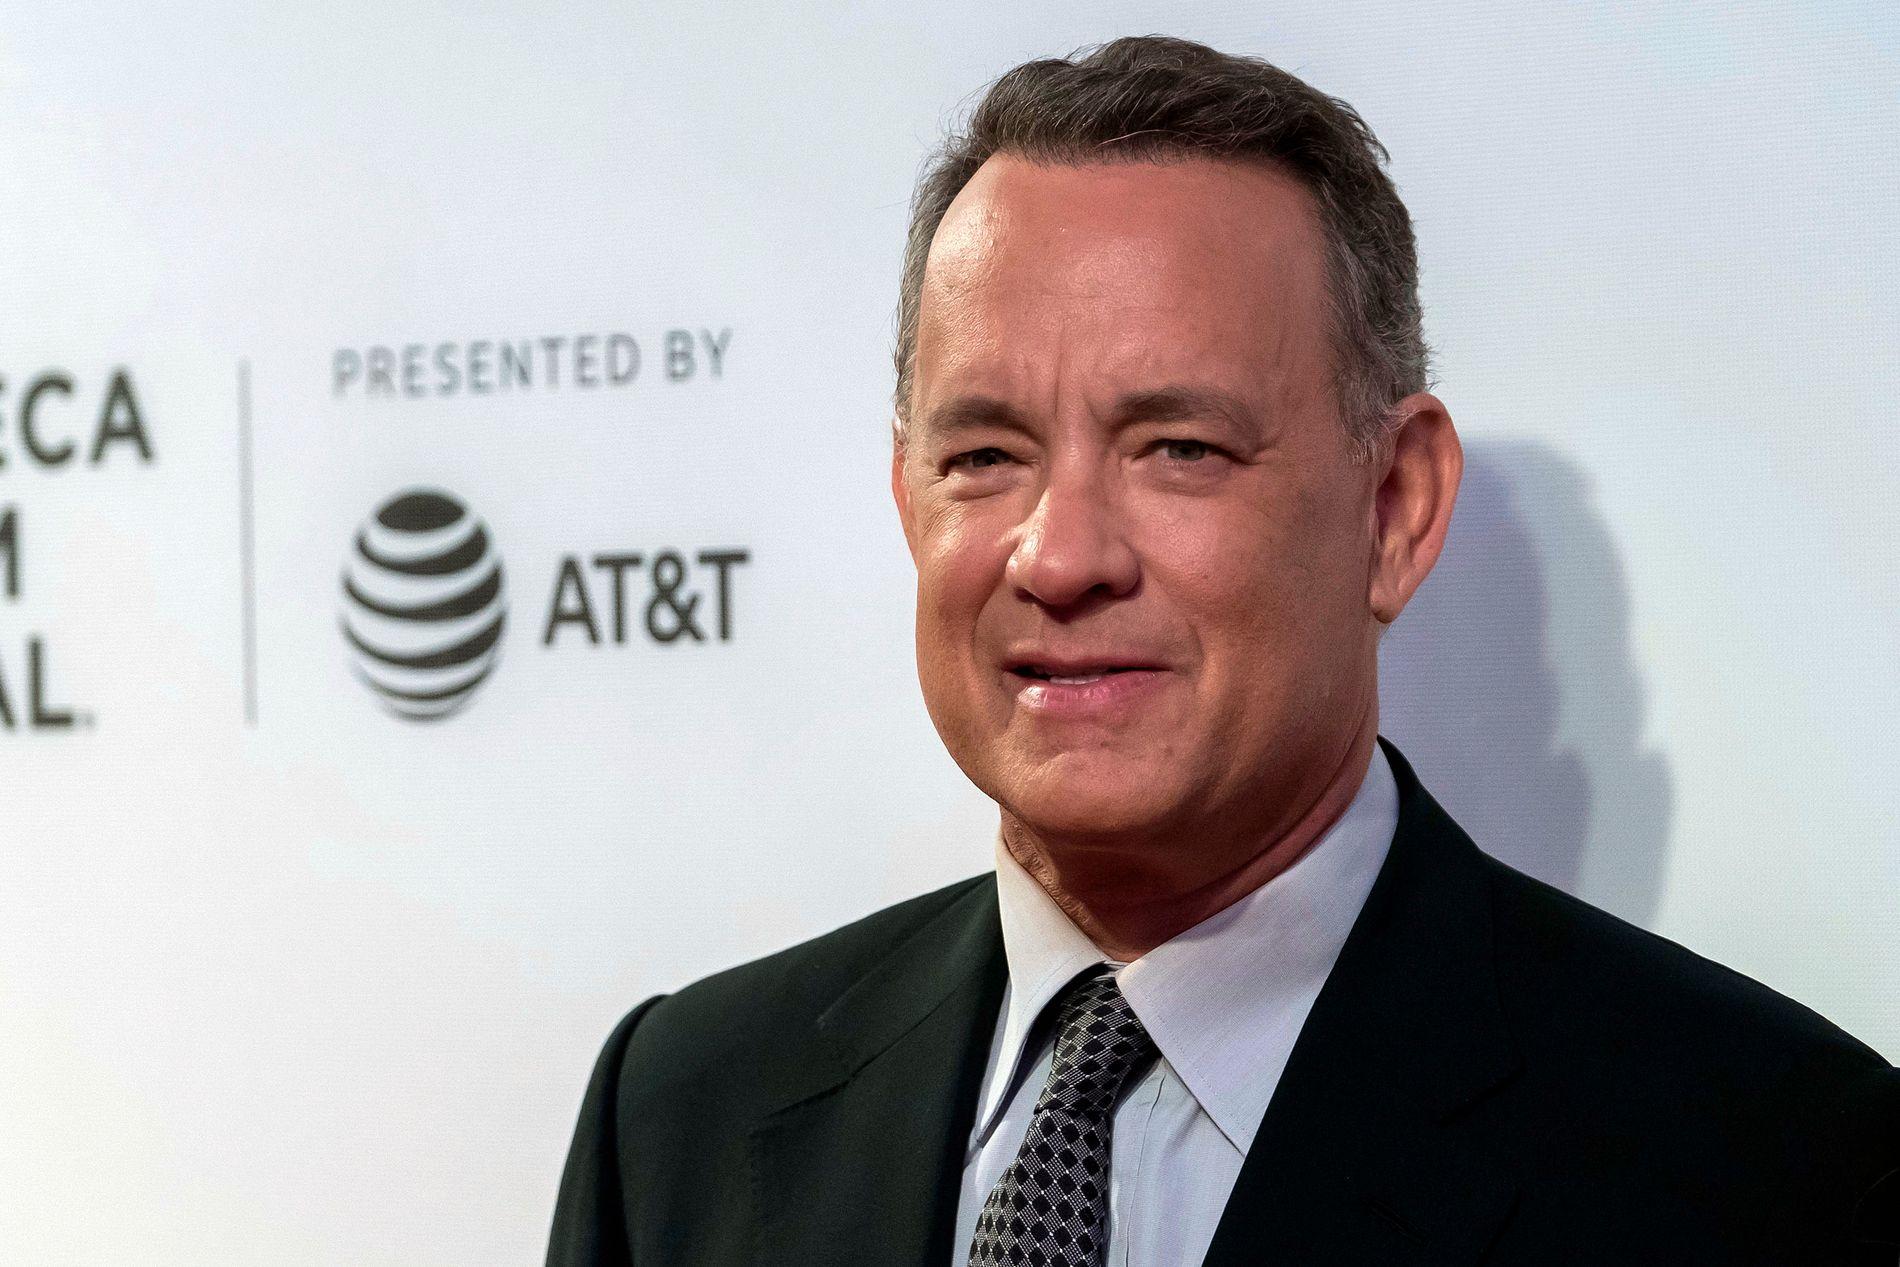 TOM BLIR OVE: Tom Hanks trer inn i rollen som den gretne, gamle gubben Ove.